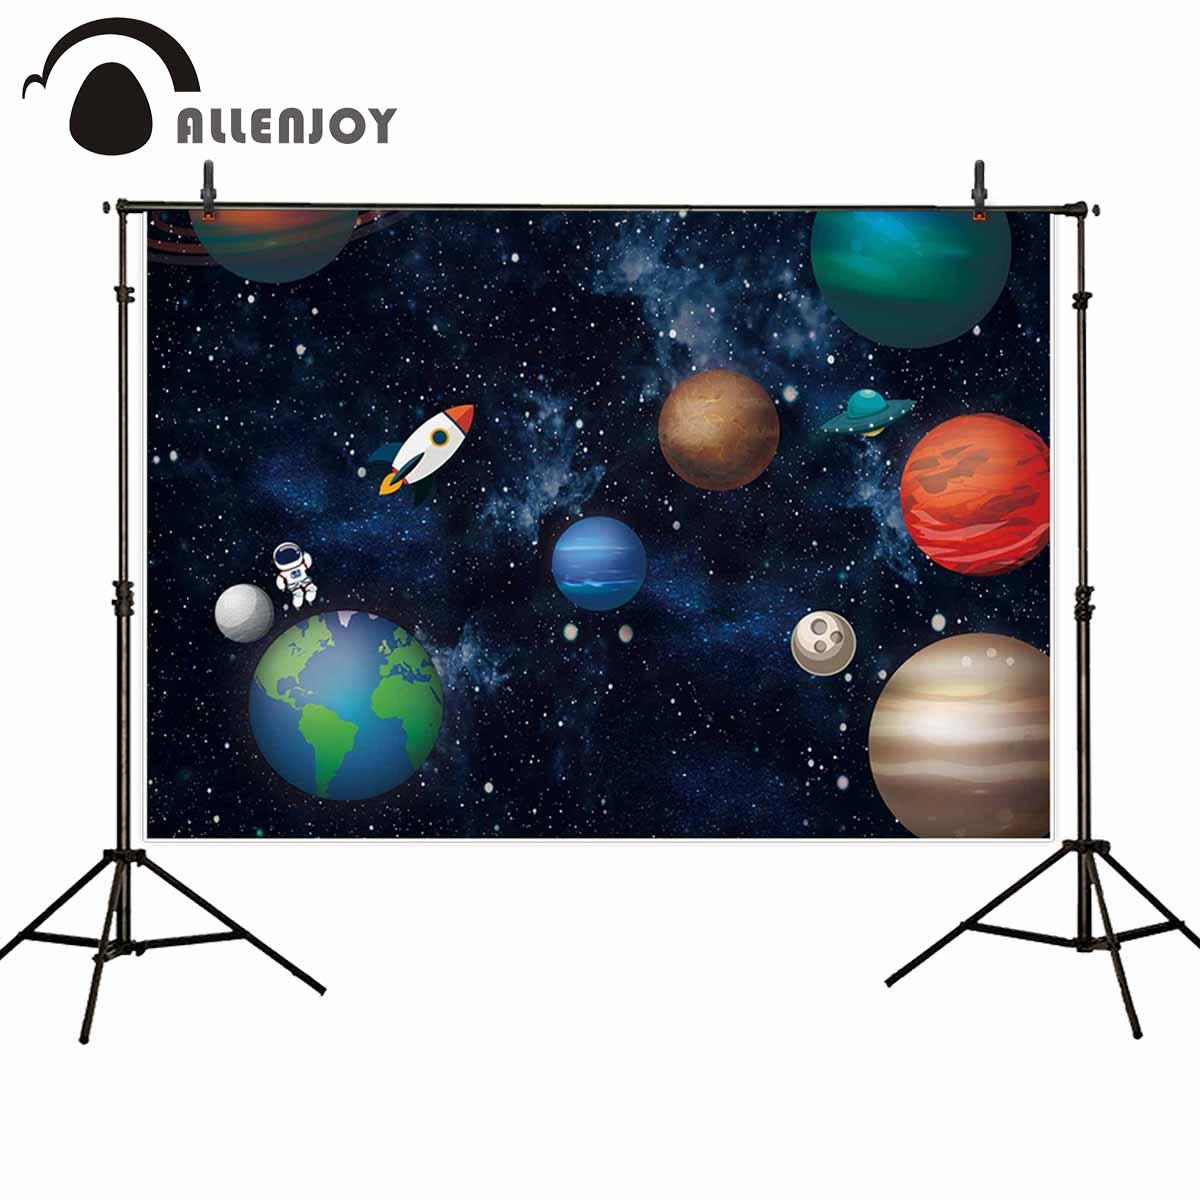 Allenjoy космический фотосессия земля луна звезды планета астронавт Вселенная фоны ткань детский душ баннеры для вечеринки на день рождения за...